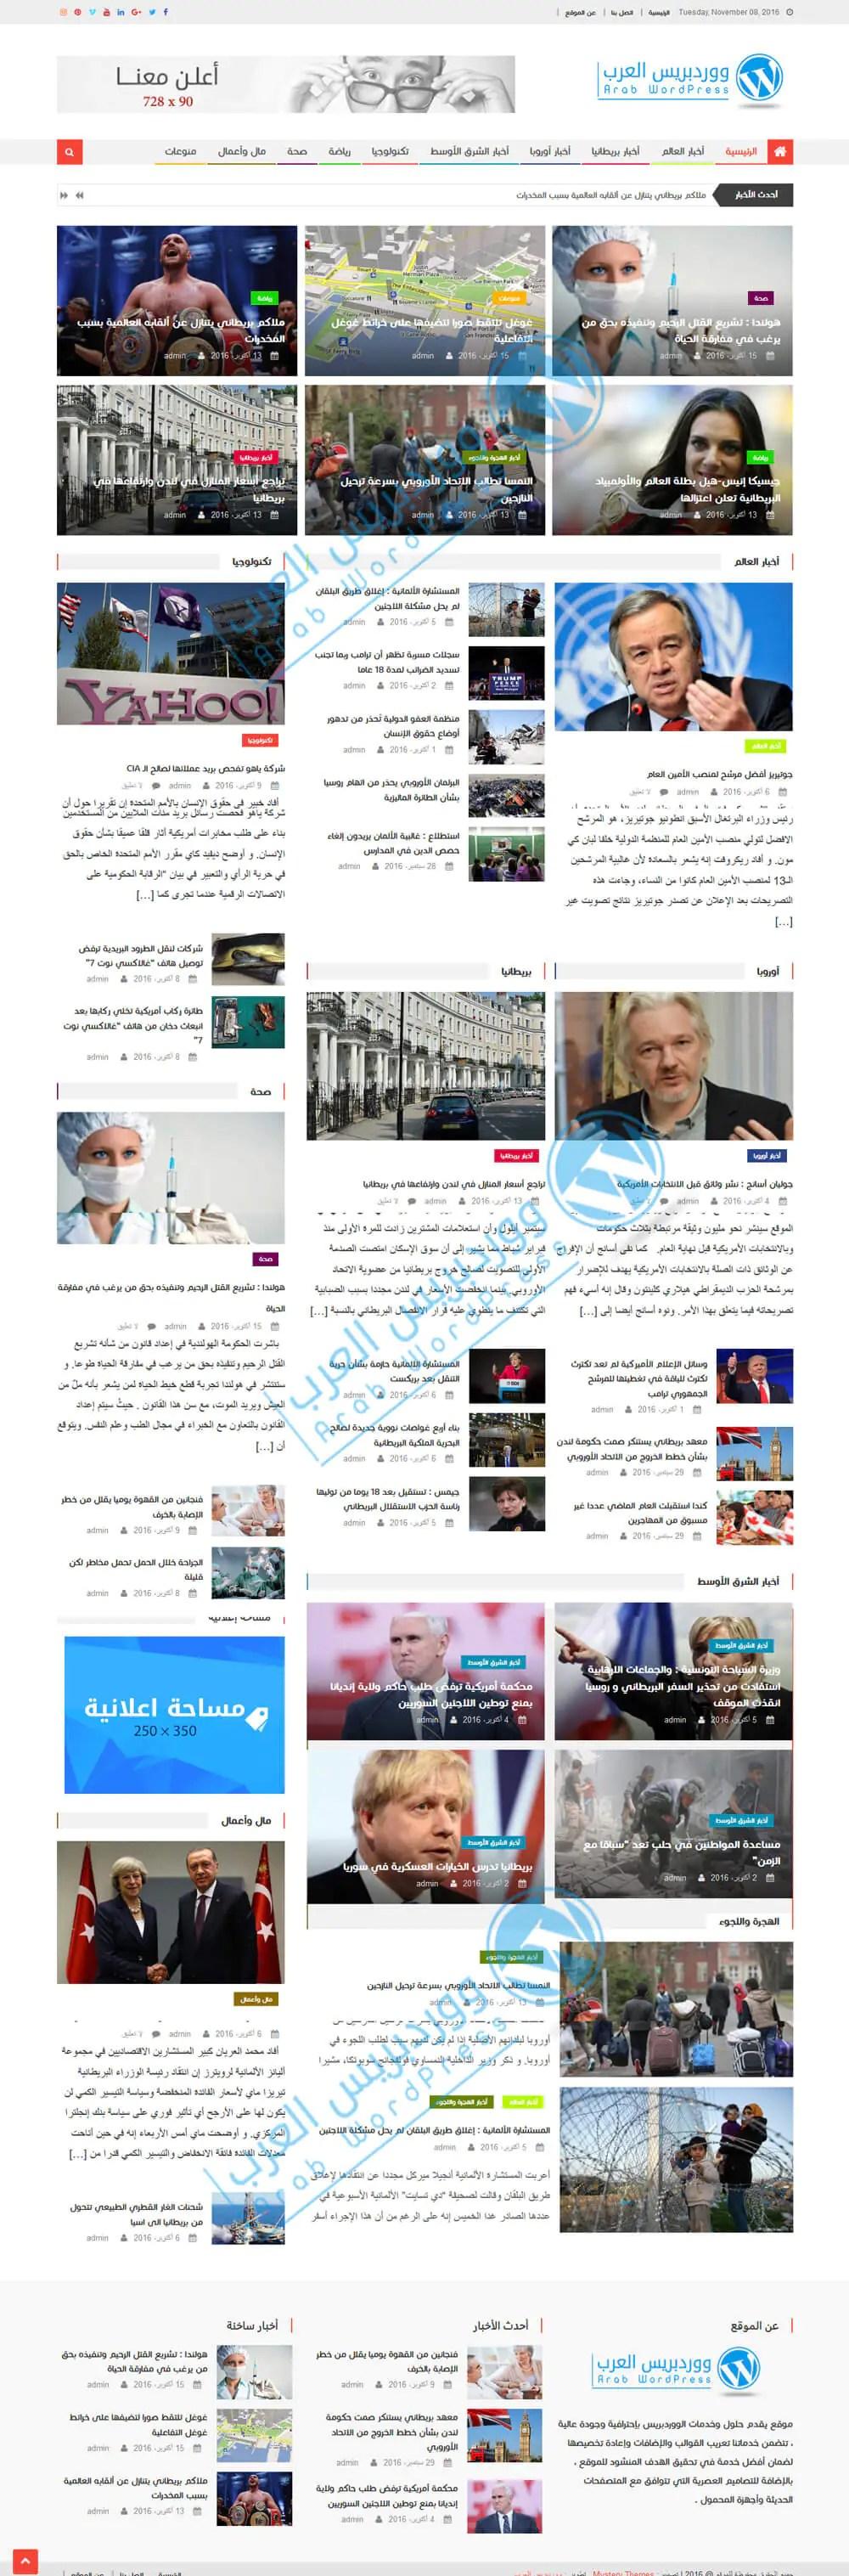 النسخة العربية من القالب الإخباري المجاني editorial